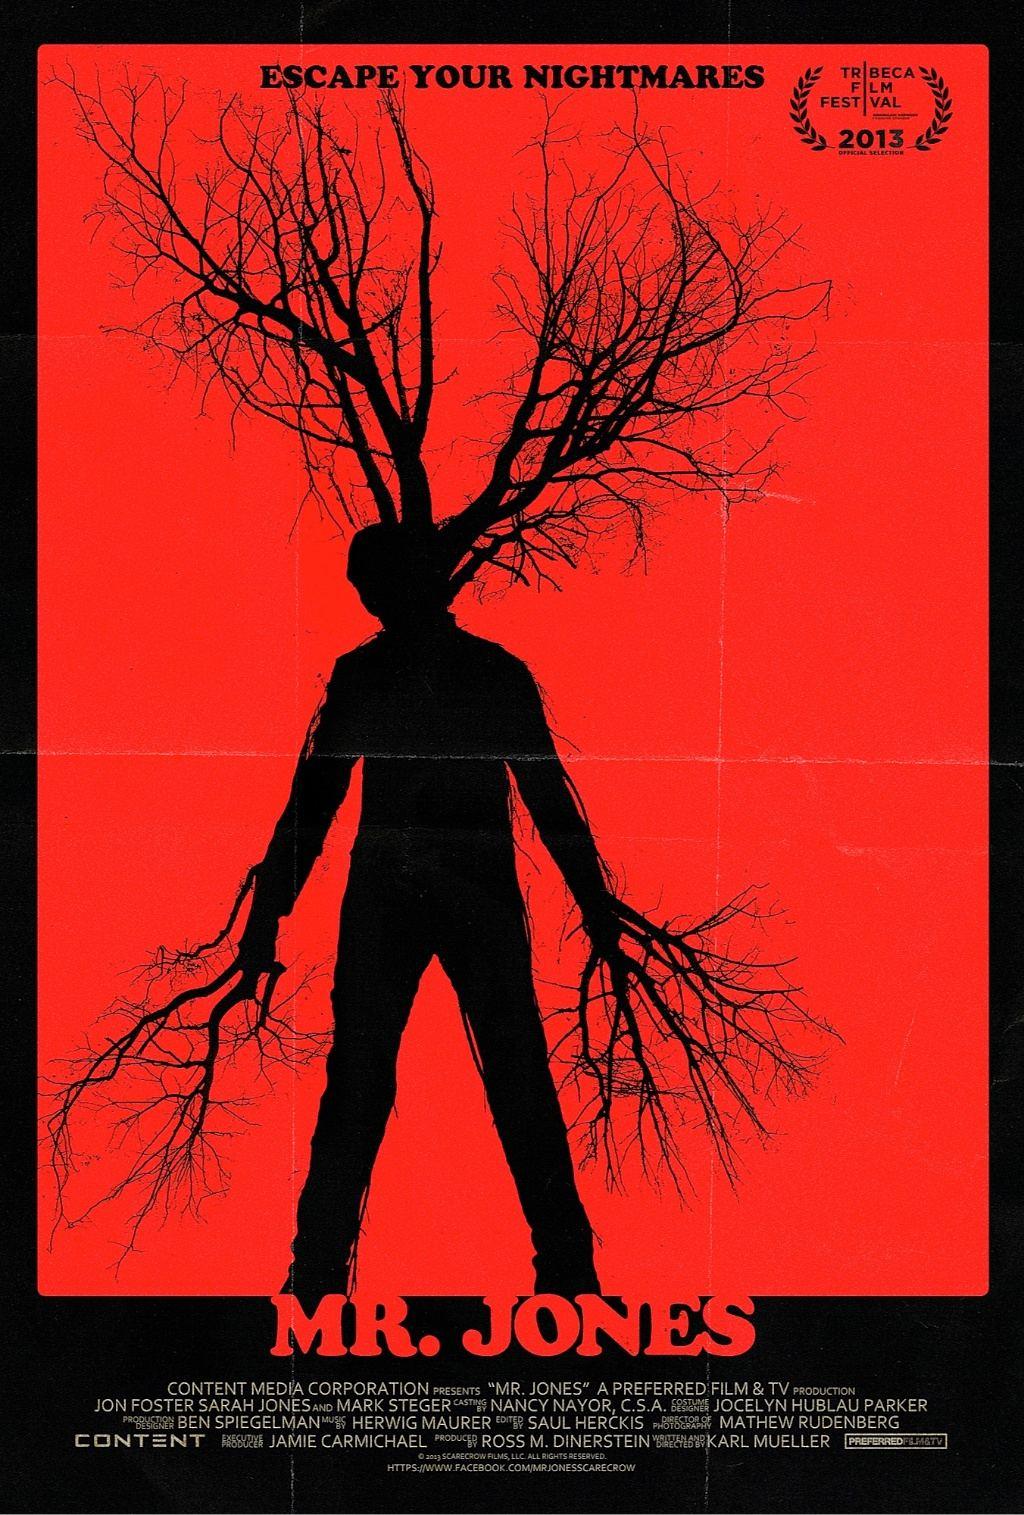 mr-jones-poster-2013.jpg